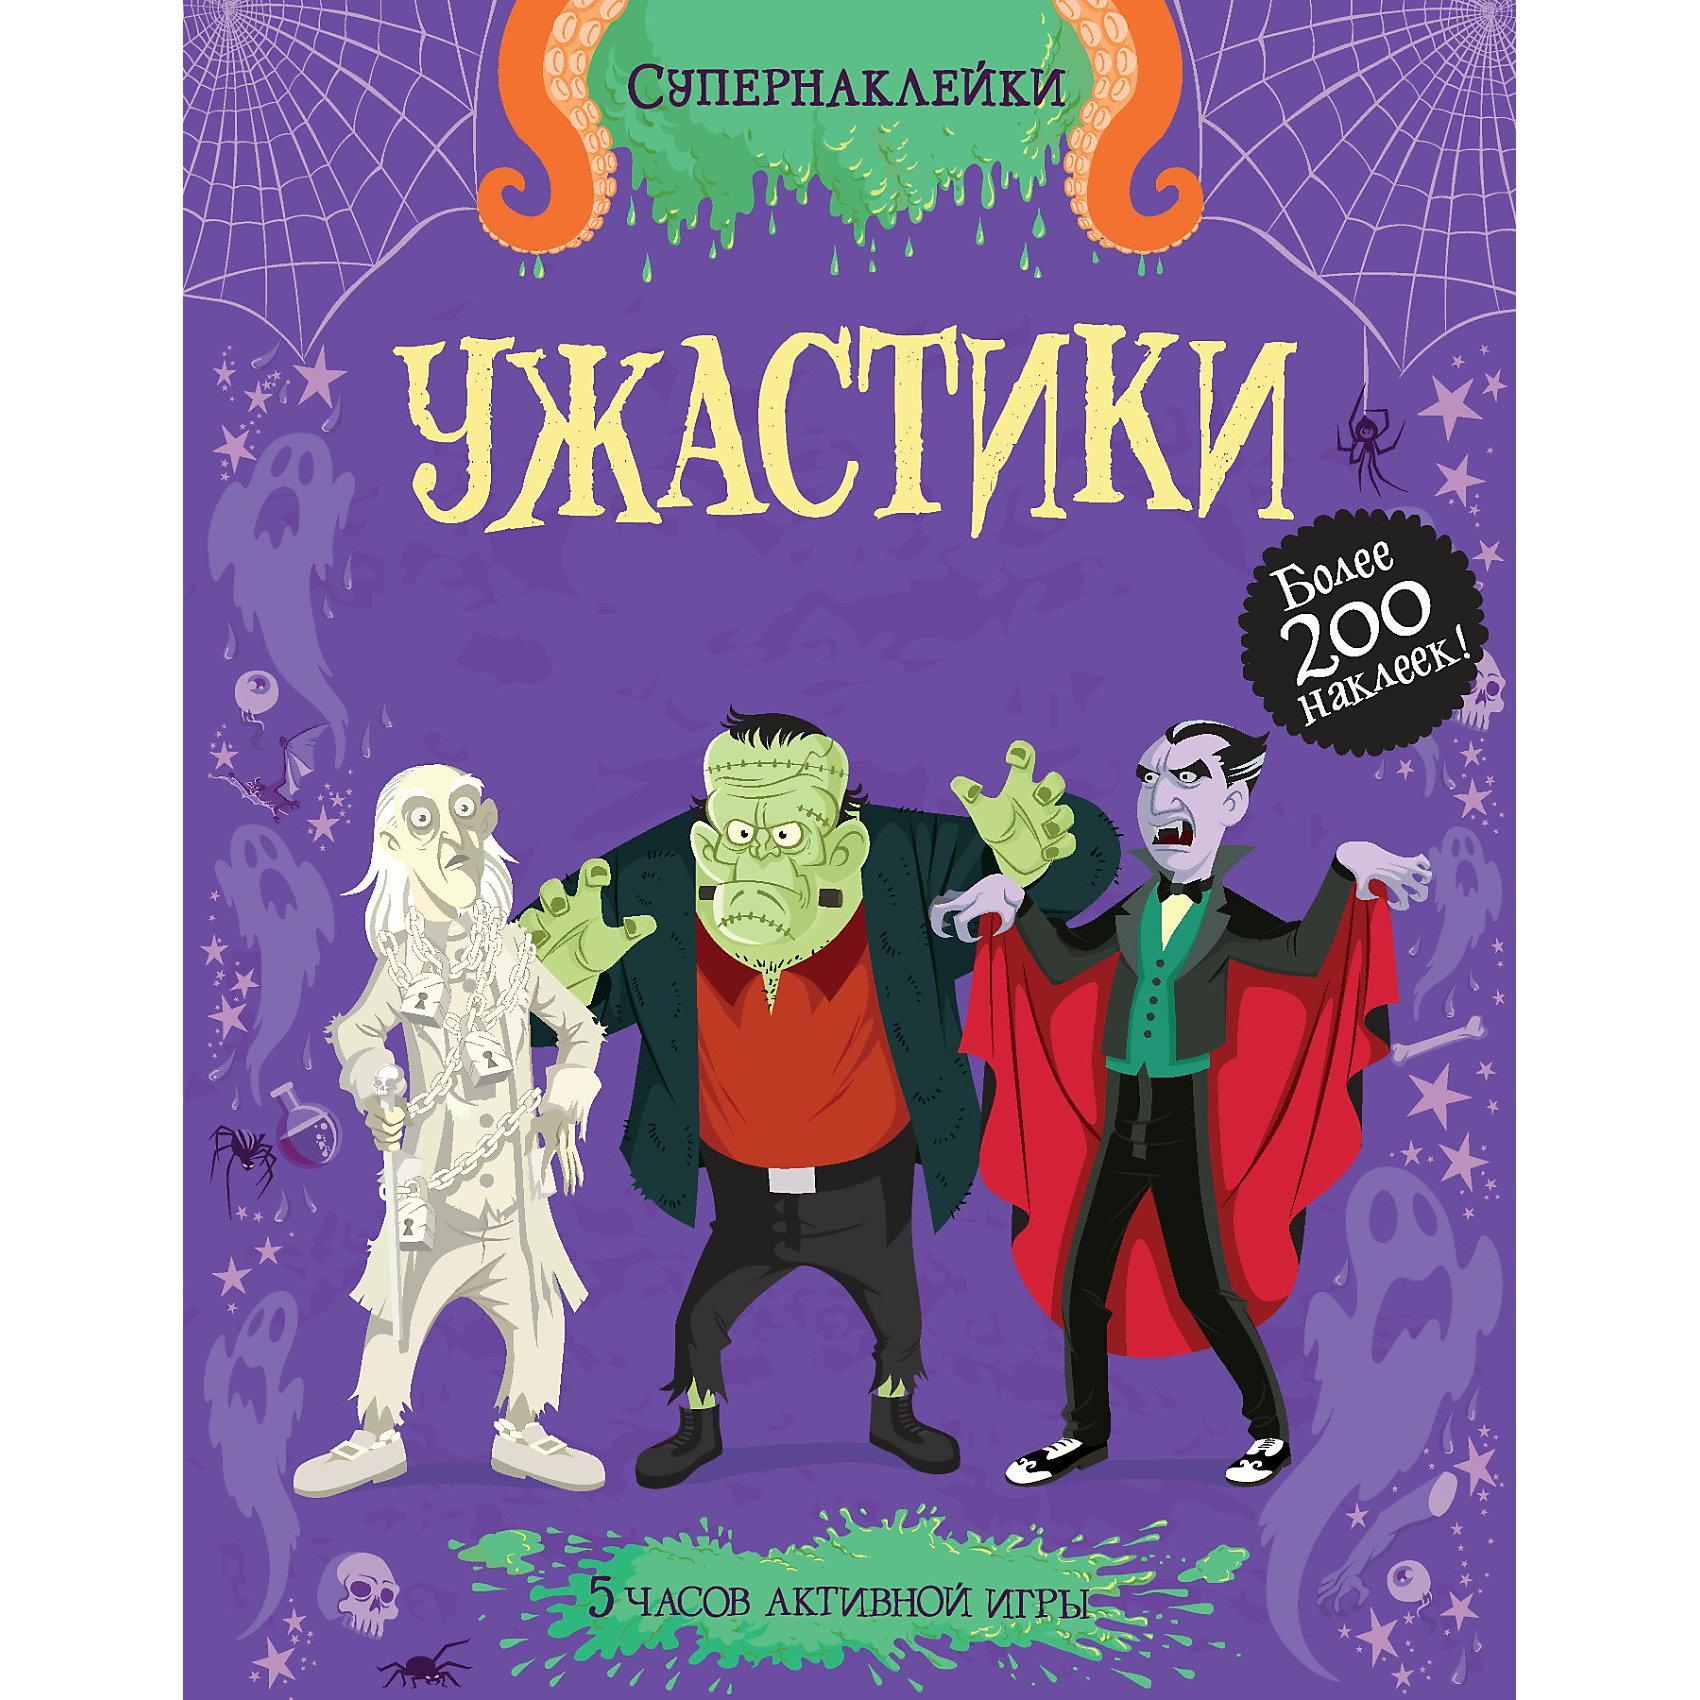 Книга с наклейками УжастикиНеобычная книга с наклейками Ужастики от издательства Махаон позабавит и развлечет Вашего ребенка. В этой книжке он встретится с вампирами и зомби, побывает в замке с привидениями, в подземном царстве гоблинов, познакомится с монстрами и пиратами, ведьмой и морскими чудищами. Персонажи ужастики забавные и смешные и совсем на агрессивные, их нужно одеть в соответствующие наряды с помощью ярких наклеек. Игра с наклейками развивает внимание, воображение, мелкую моторику и художественный вкус.<br><br>Дополнительная информация:<br>- Автор: Стауэлл Луи.<br>- Художник: Диаз Диего.<br>- Серия  Супернаклейки.<br>- Переплет: обложка.<br>- Иллюстрации: Цветные.<br>- Объем: 24 стр.<br>- Размер: 30,5 x 24 x 0,4 см.<br>- Вес: 0,282 кг. <br><br>Книгу с наклейками Ужастики от Махаон можно купить в нашем интернет-магазине.<br><br>Ширина мм: 170<br>Глубина мм: 245<br>Высота мм: 7<br>Вес г: 299<br>Возраст от месяцев: 72<br>Возраст до месяцев: 132<br>Пол: Мужской<br>Возраст: Детский<br>SKU: 3539922